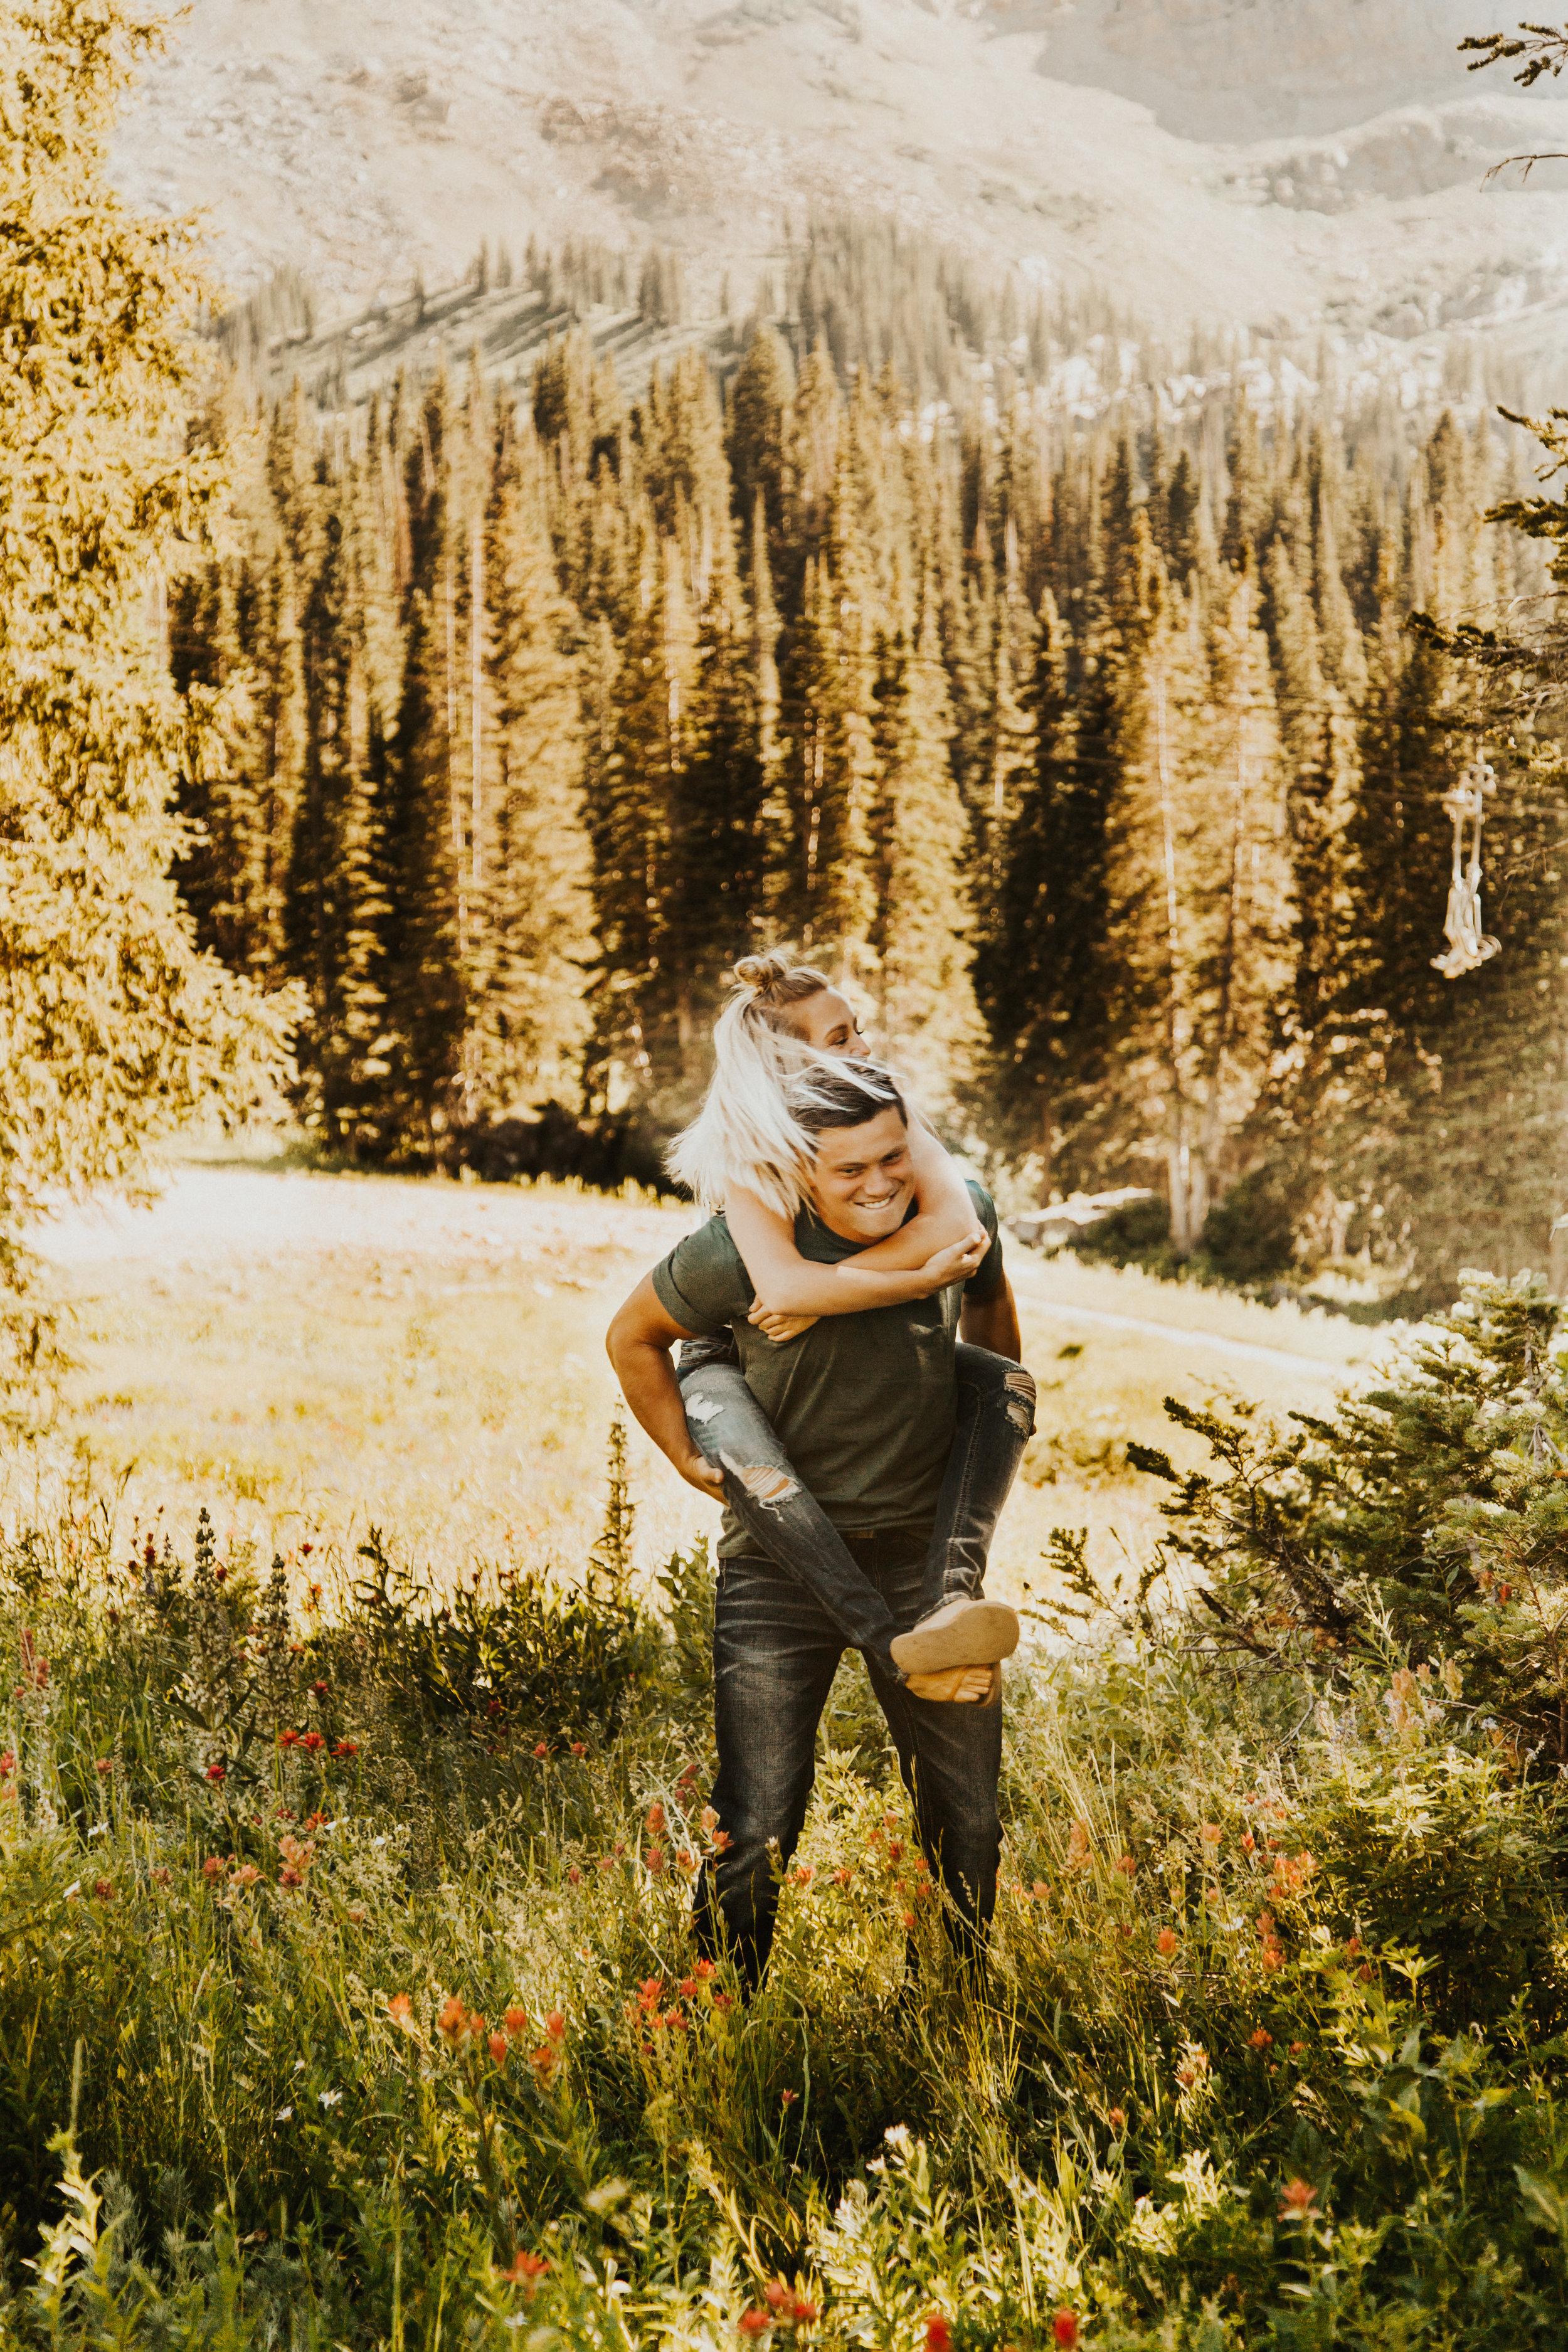 LeahNaomiPhotography_www.leahnaomiphotography.com_1J0A4244.jpg